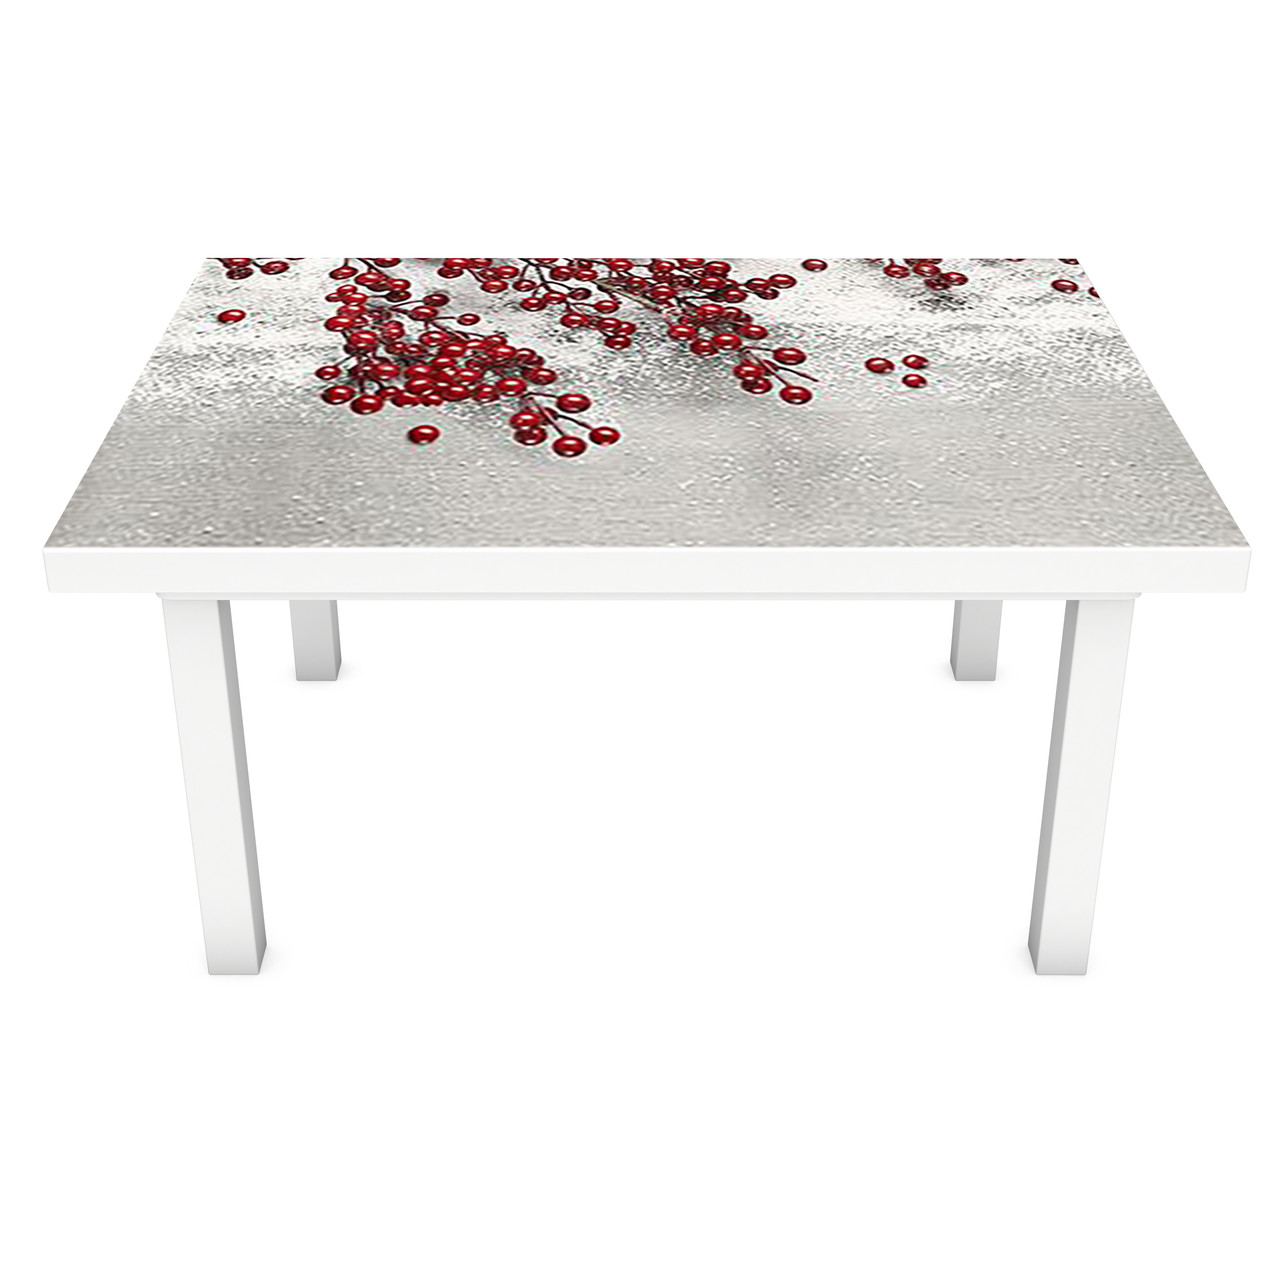 Наклейка на стол Заснеженные красные Ягоды (3Д виниловая пленка ПВХ) барбарис Серый 600*1200 мм